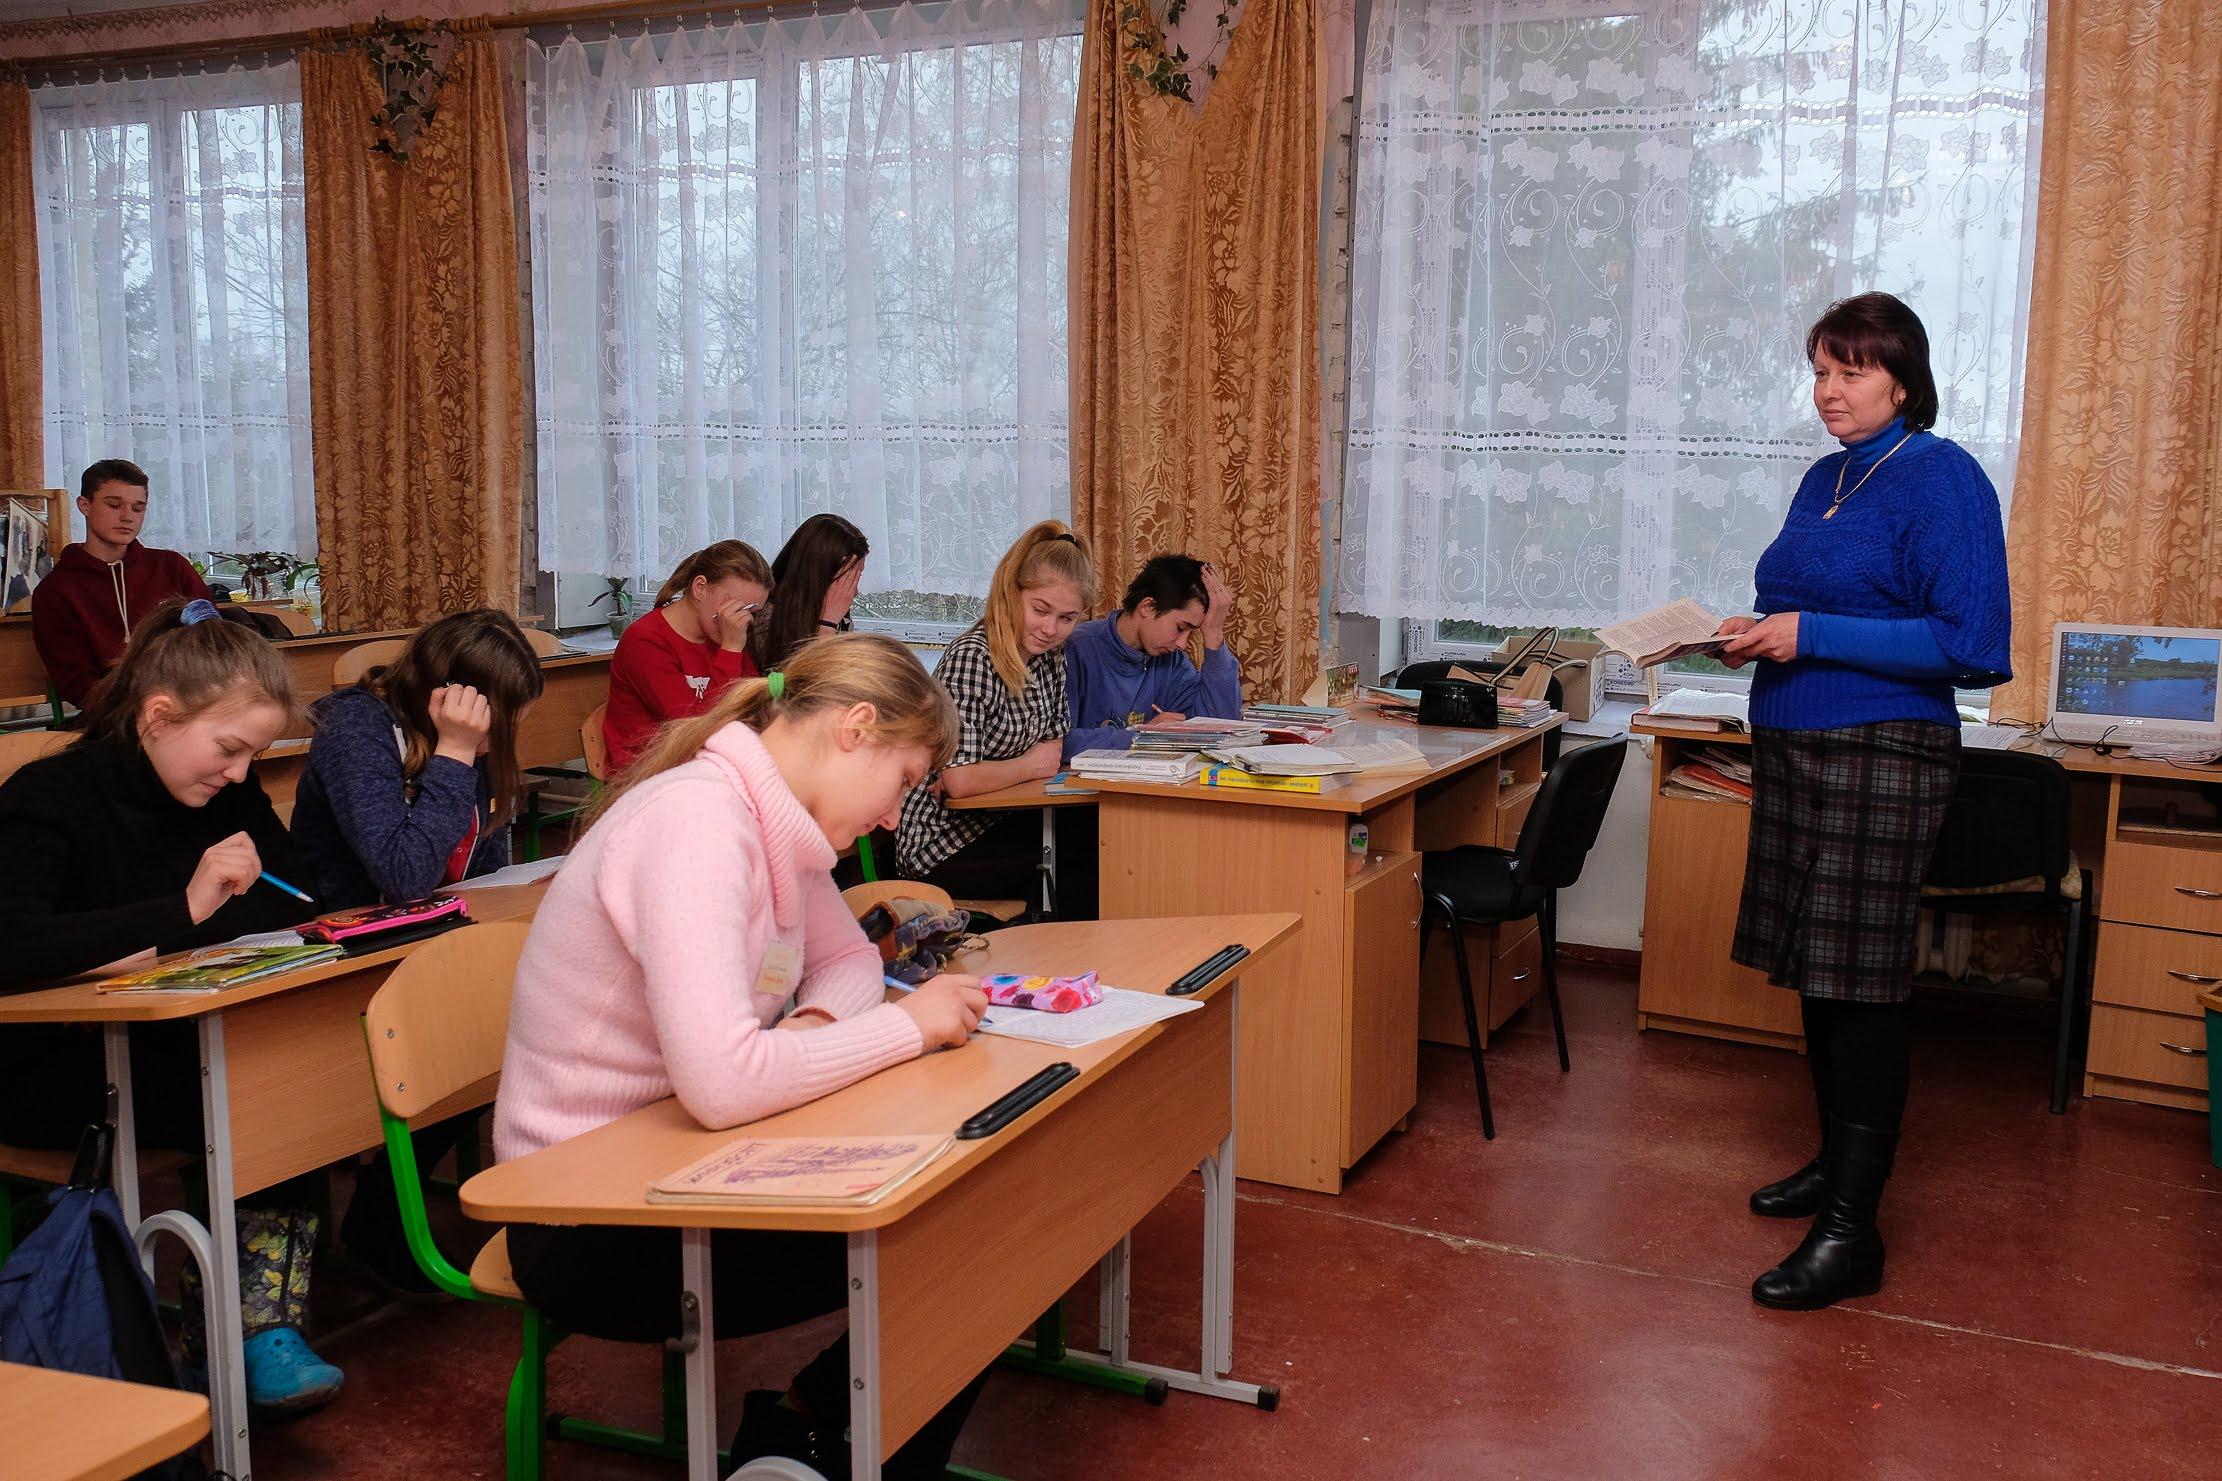 Тут навчаються понад 200 дітей з різних населених пунктів.